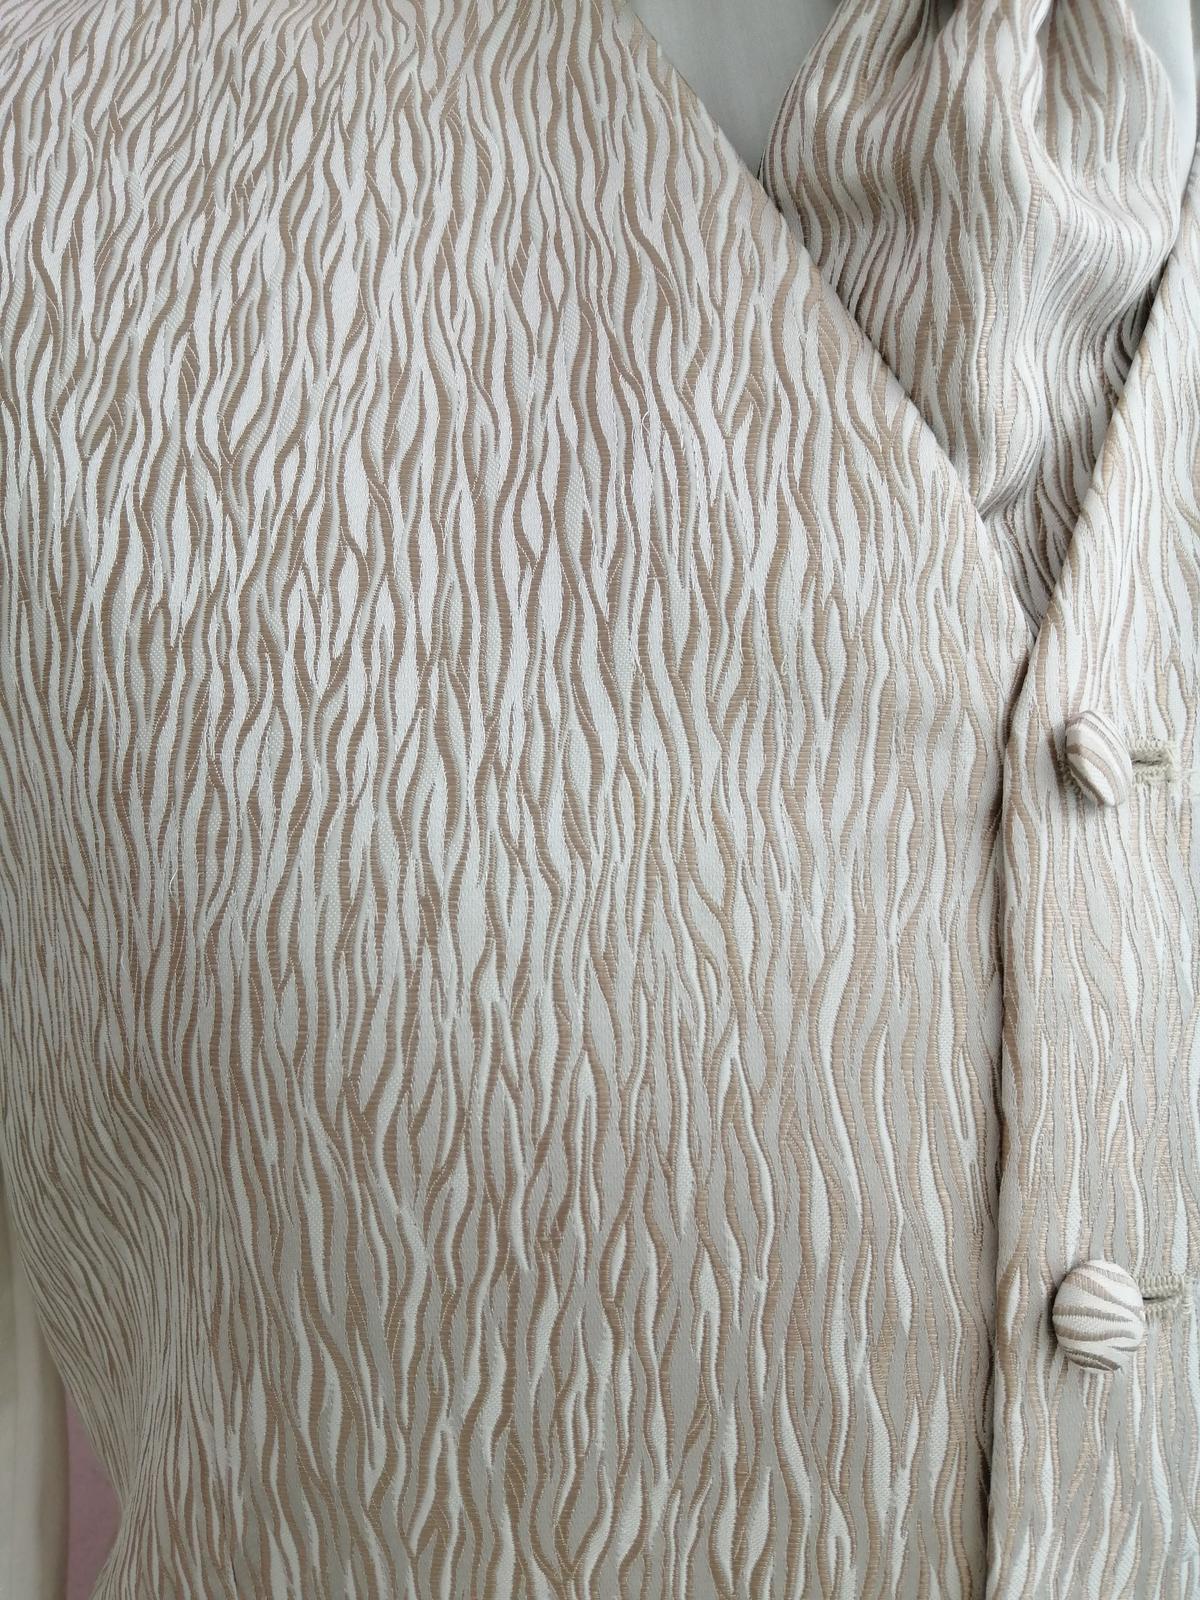 Svadobná vesta - béžovo hnedá - Wilvorst - Obrázok č. 2